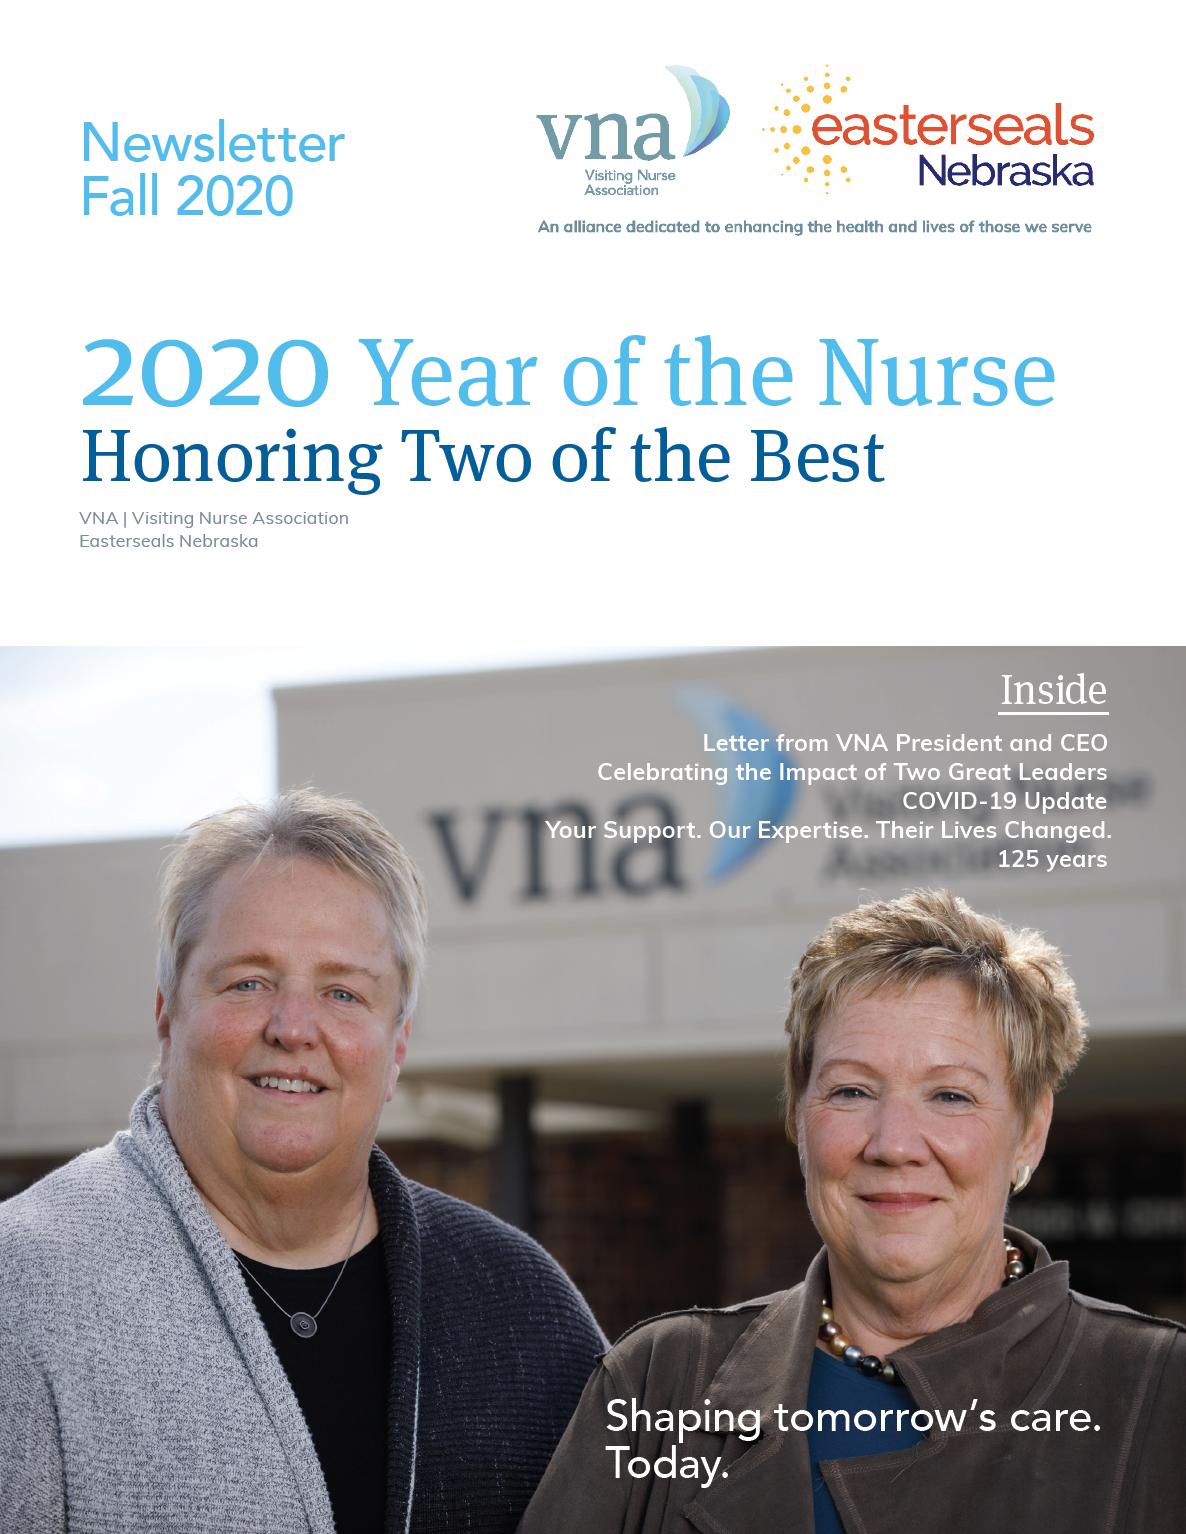 VNA Fall 2020 Newsletter Cover